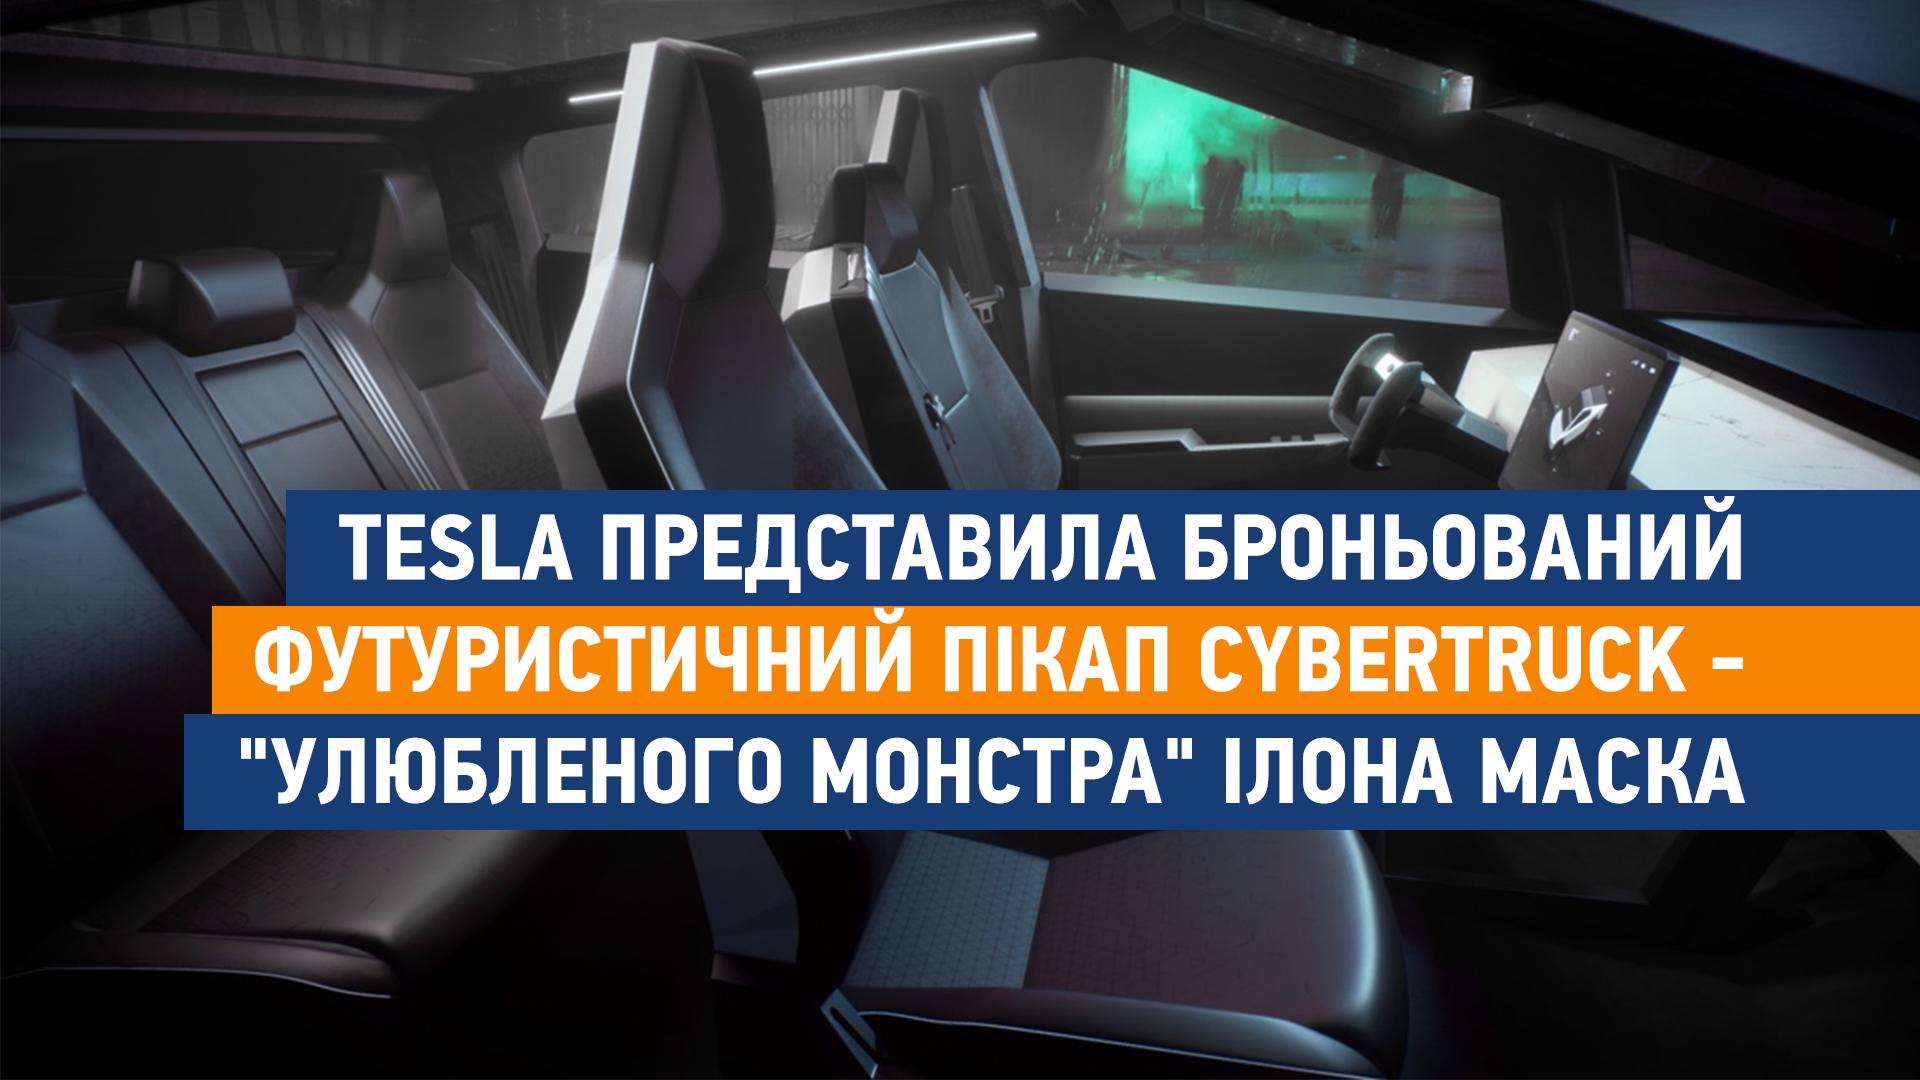 """Tesla представила броньований футуристичний пікап Cybertruck - """"улюбленого монстра"""" Ілона Маска - Ілон Маск, Tesla - mask"""